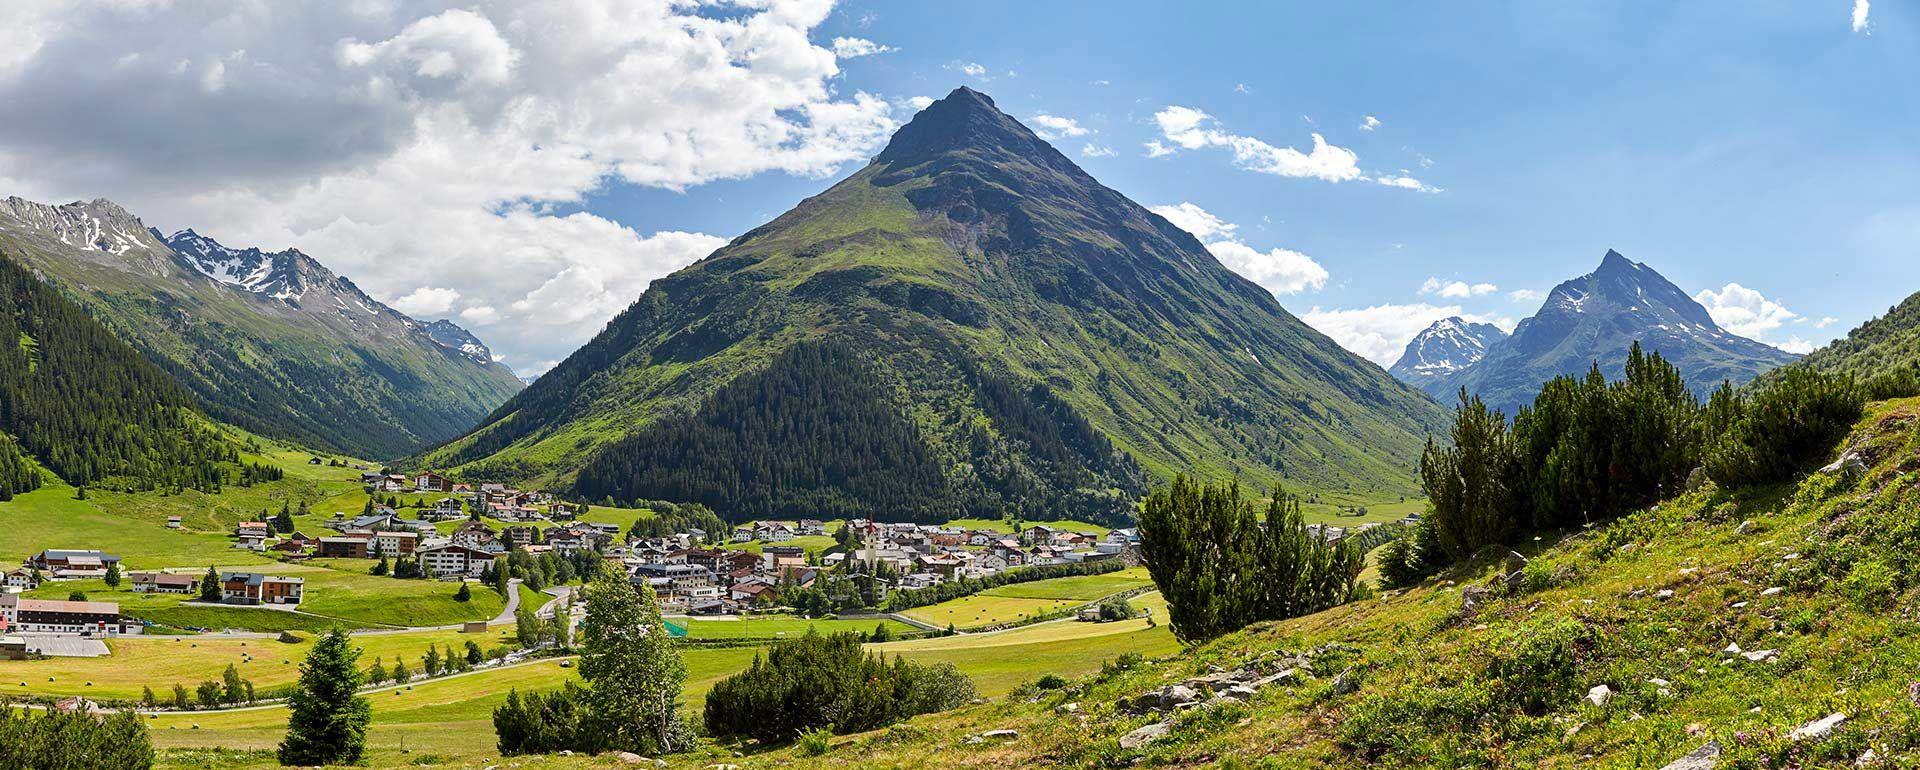 Galtür Erster Luftkurort in Tirol